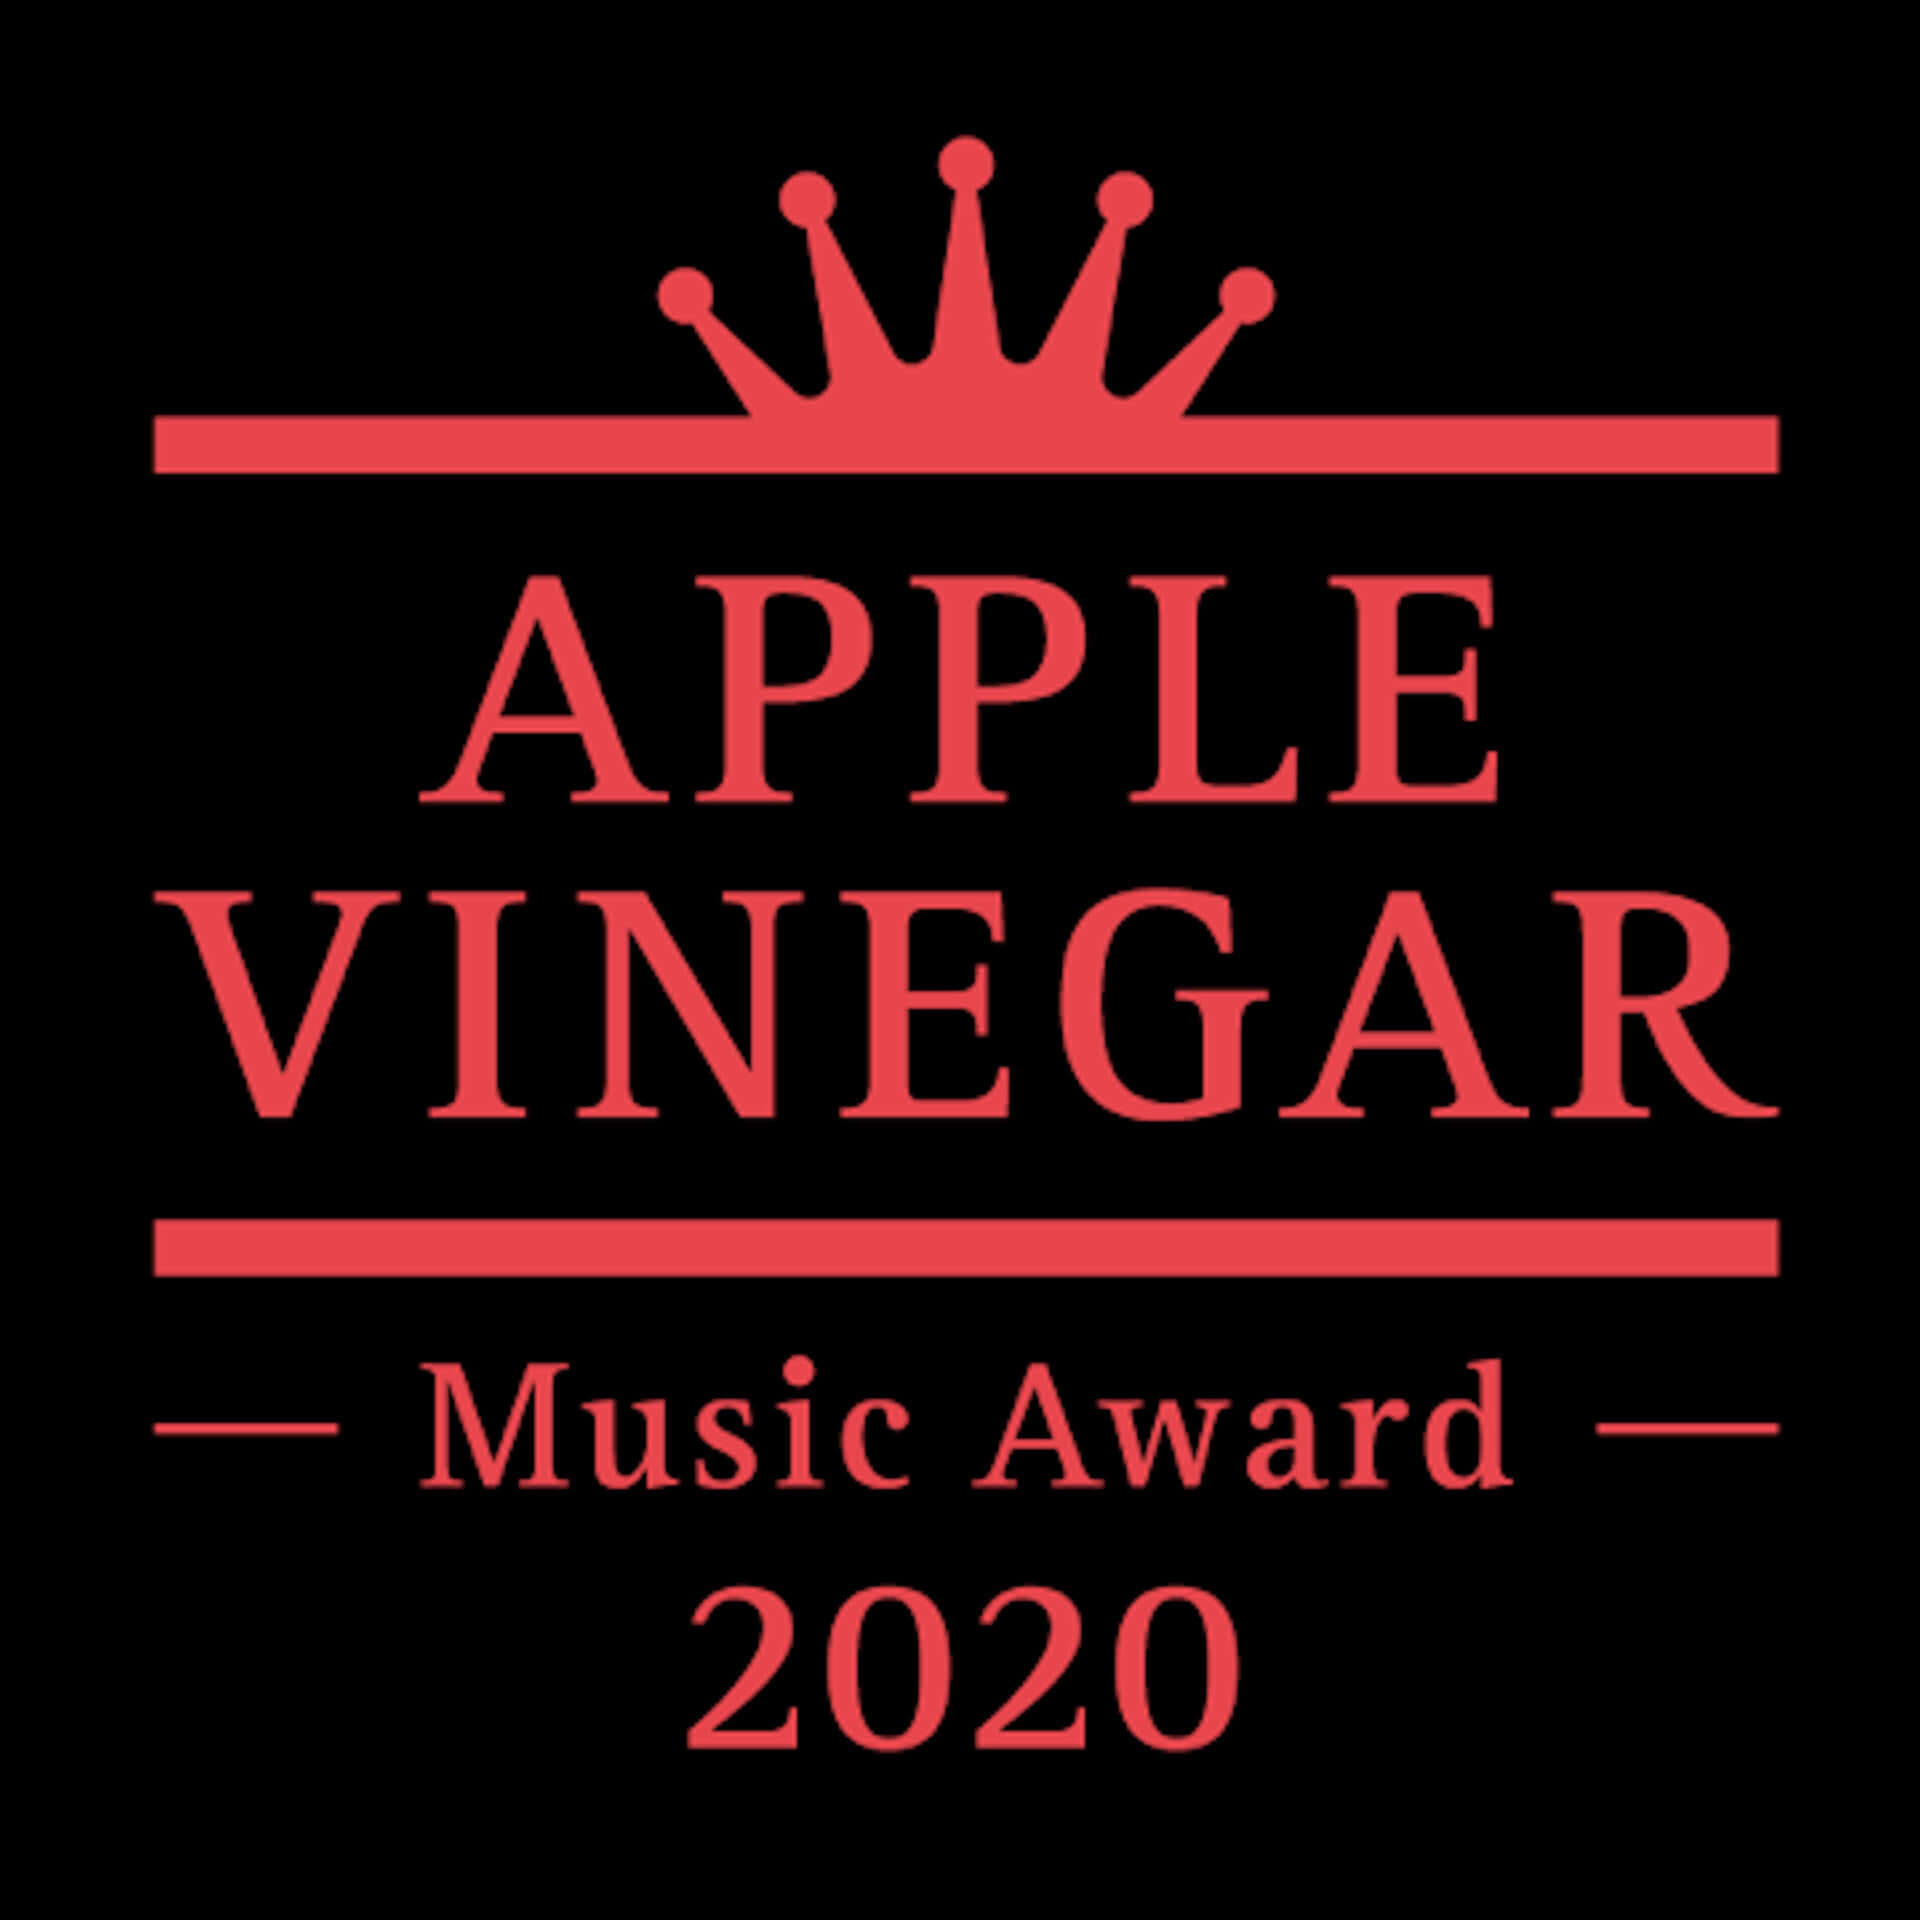 アジカン・後藤正文による「APPLE VINEGAR -Music Award-」今年の選考委員が決定!新たにLicaxxx、三原勇希が参加 music200310_avma_2-1920x1920